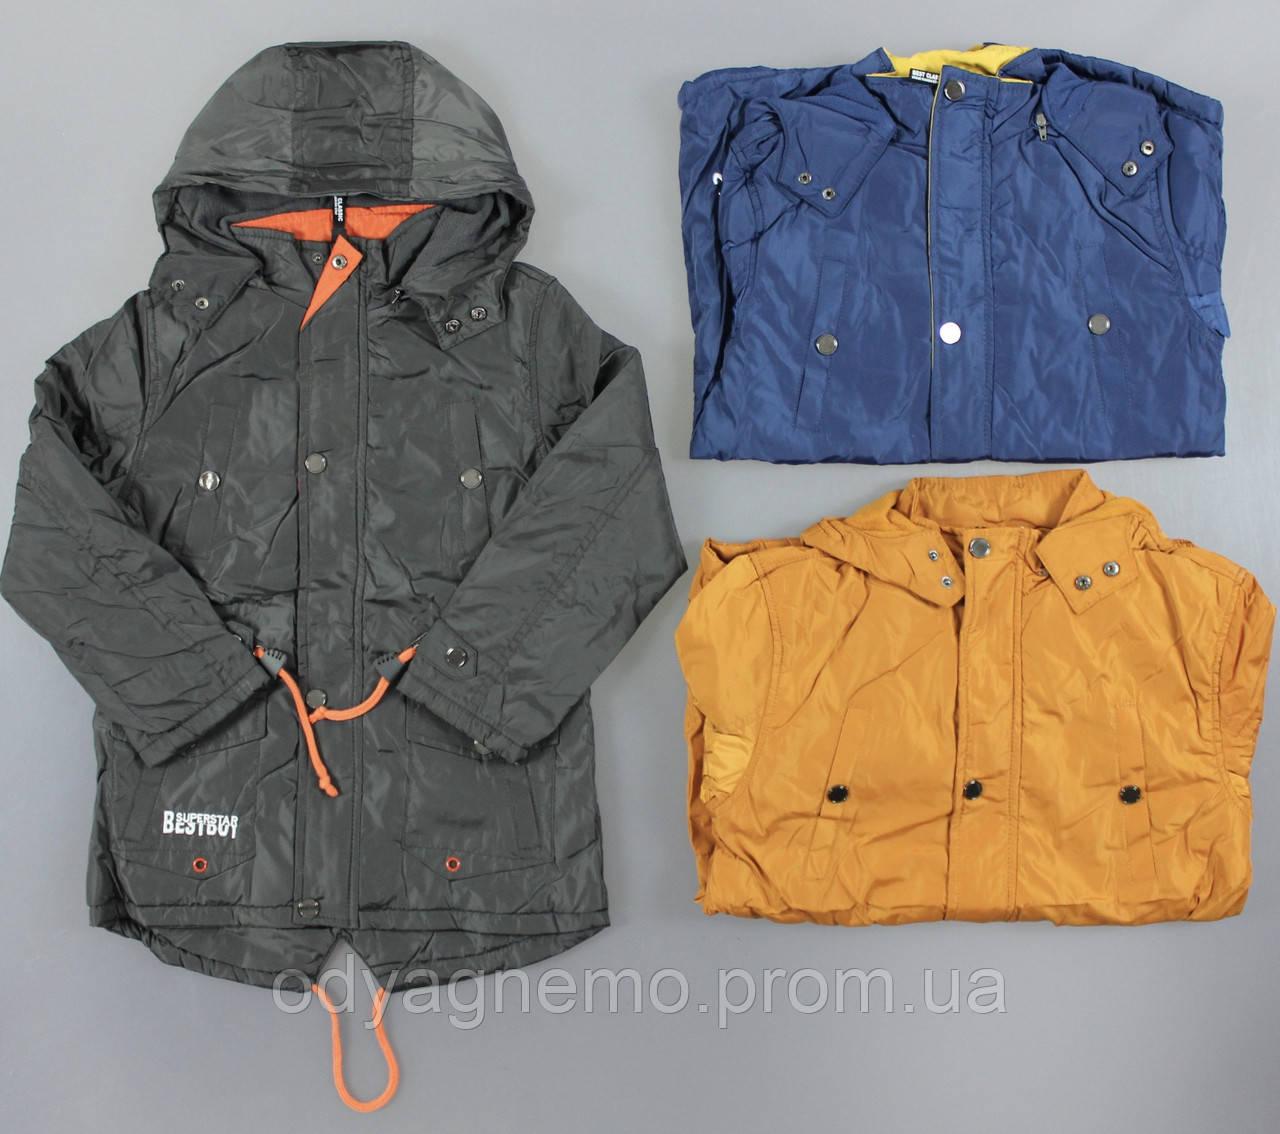 Куртка на флисовой подкладке для мальчиков Grace оптом, 134-164 pp., код:B70873